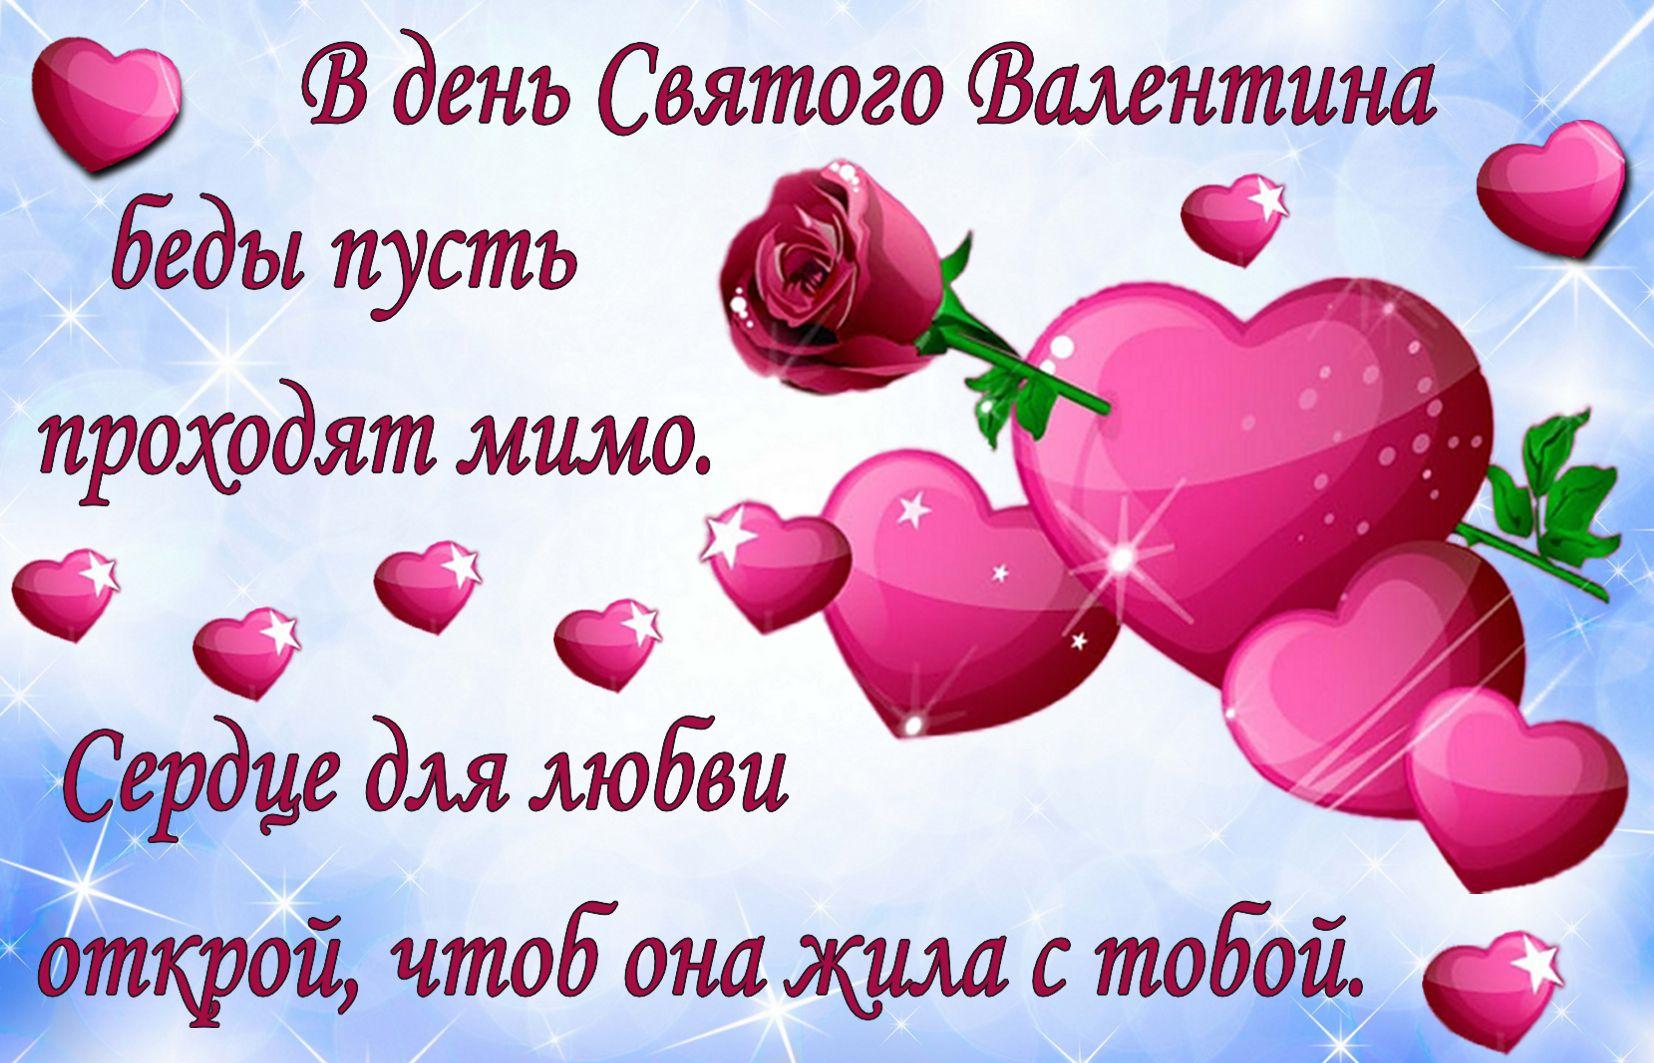 Первомаем, поздравительная открытка с днем святого валентина валентине